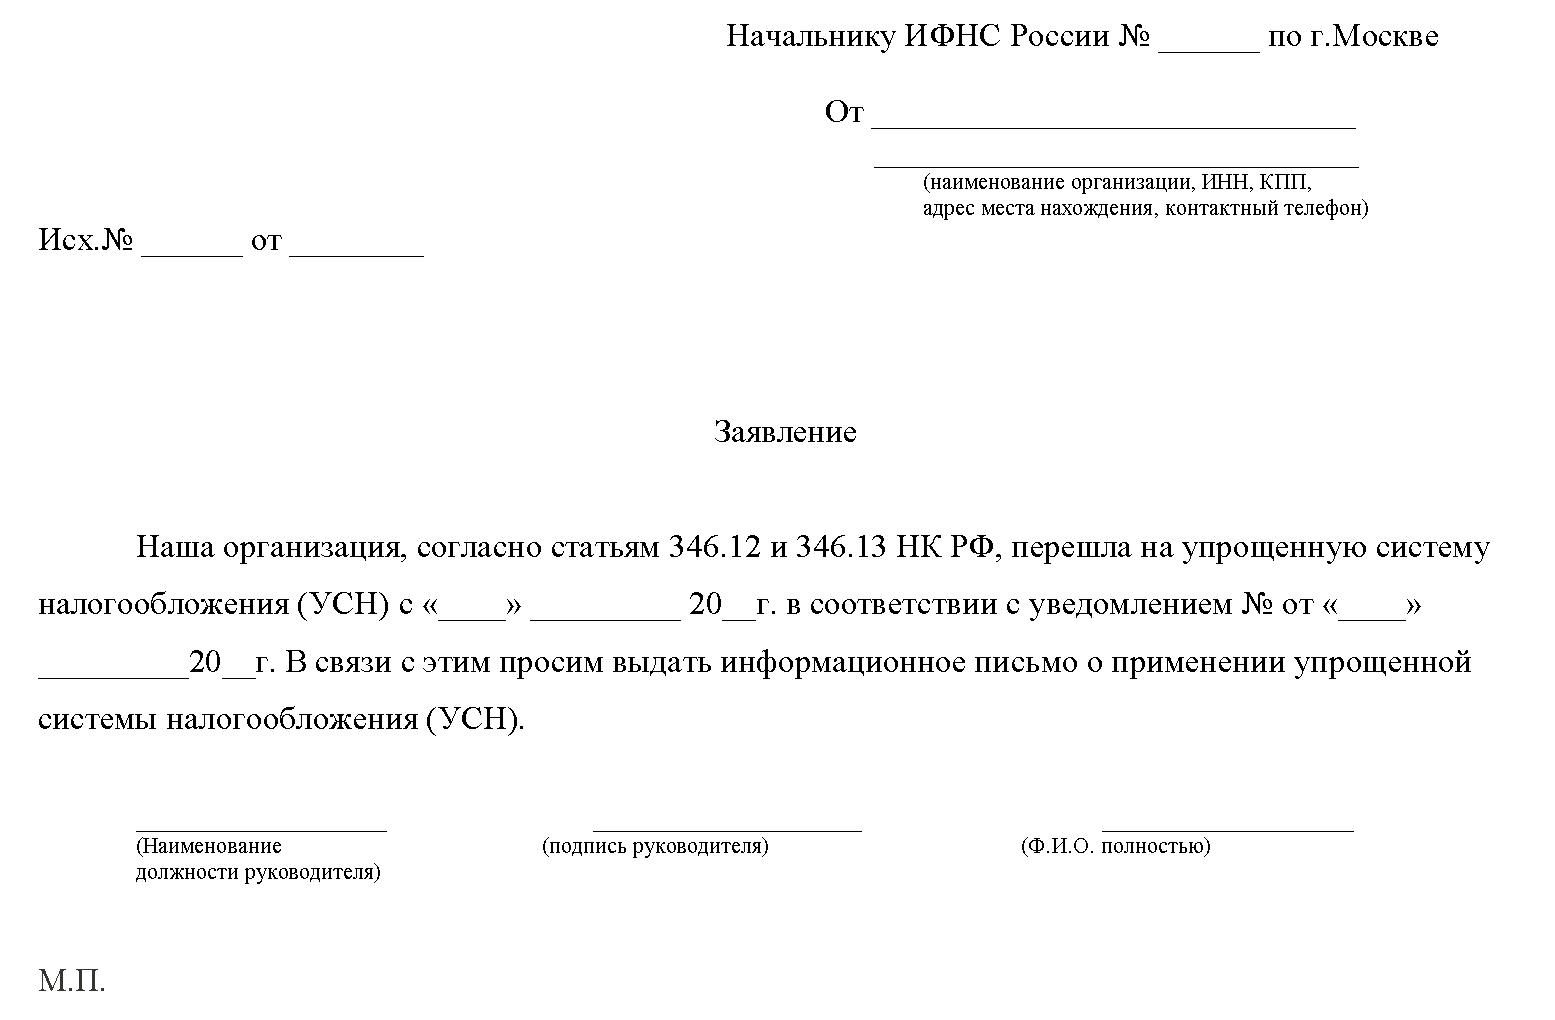 Образец заявления для получения уведомления о применении_УСН